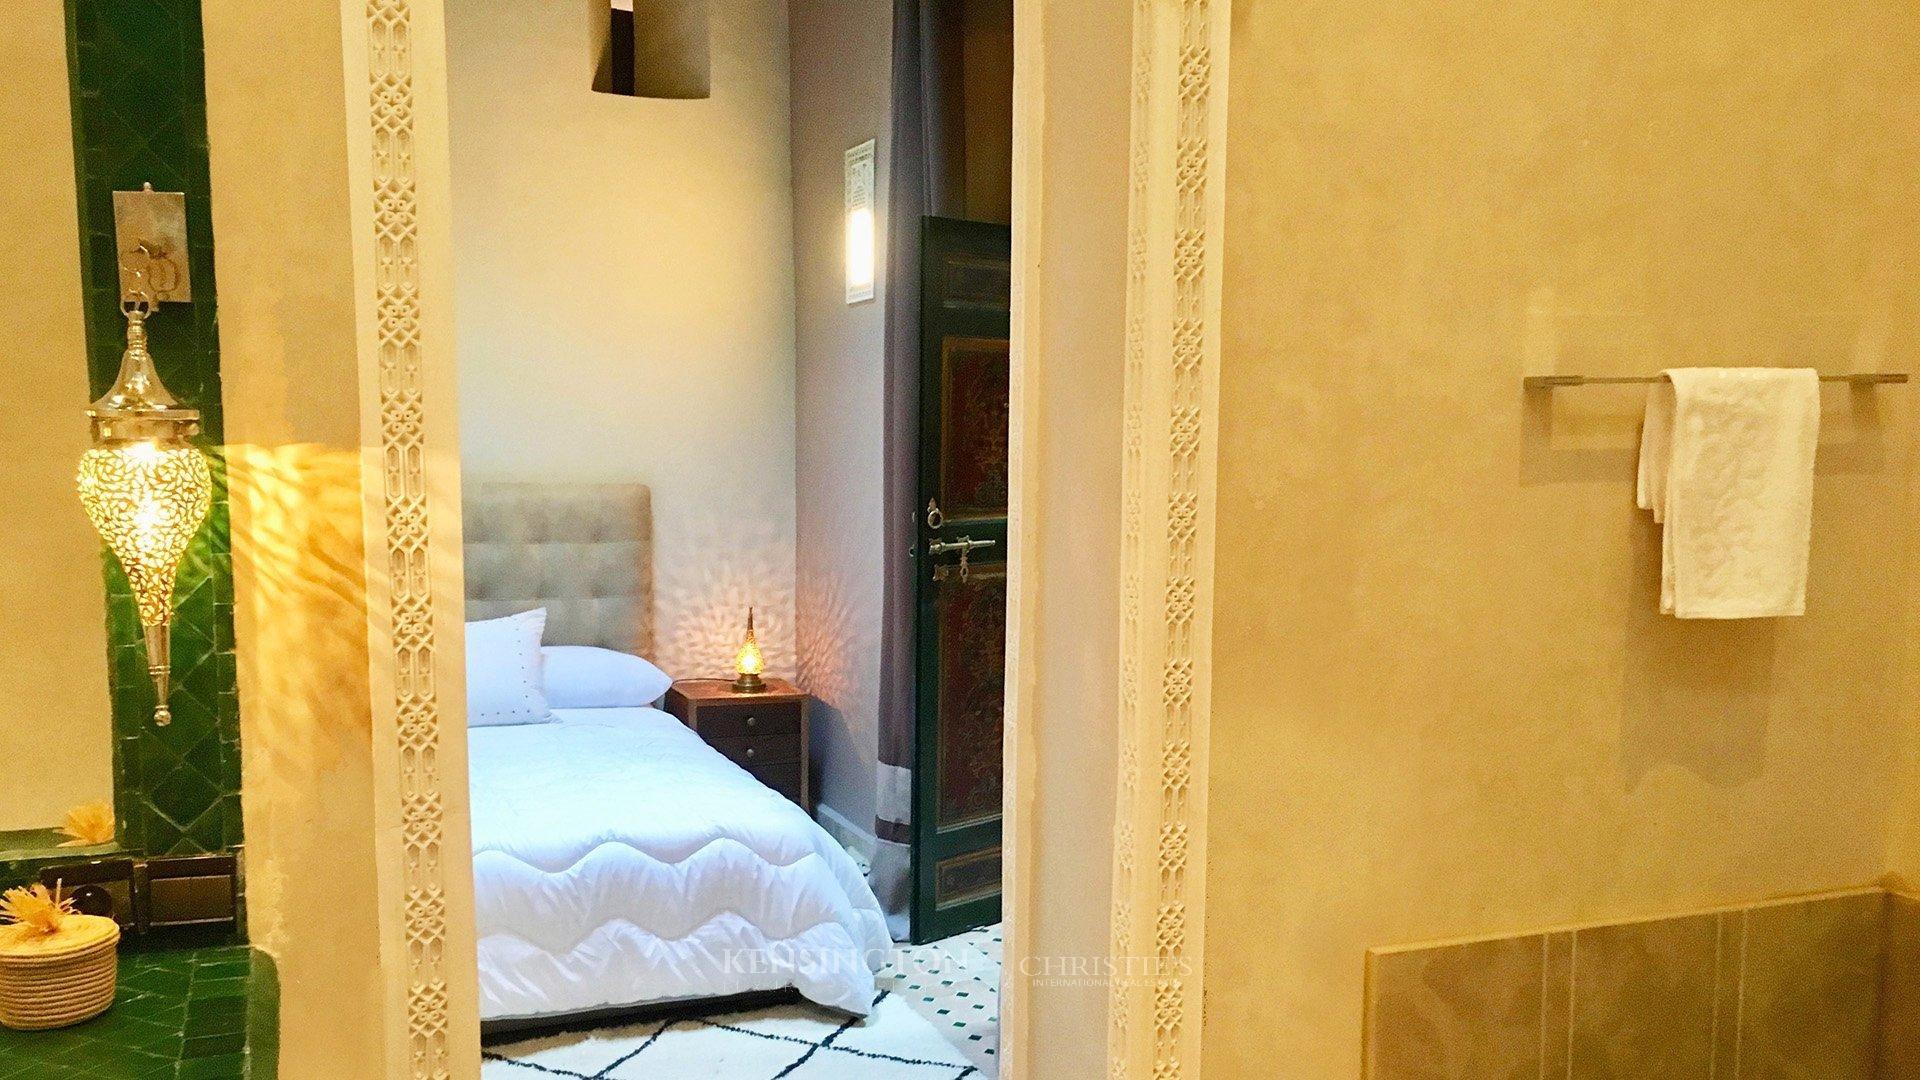 KPPM00841: Riad Otha Riad Marrakech Morocco